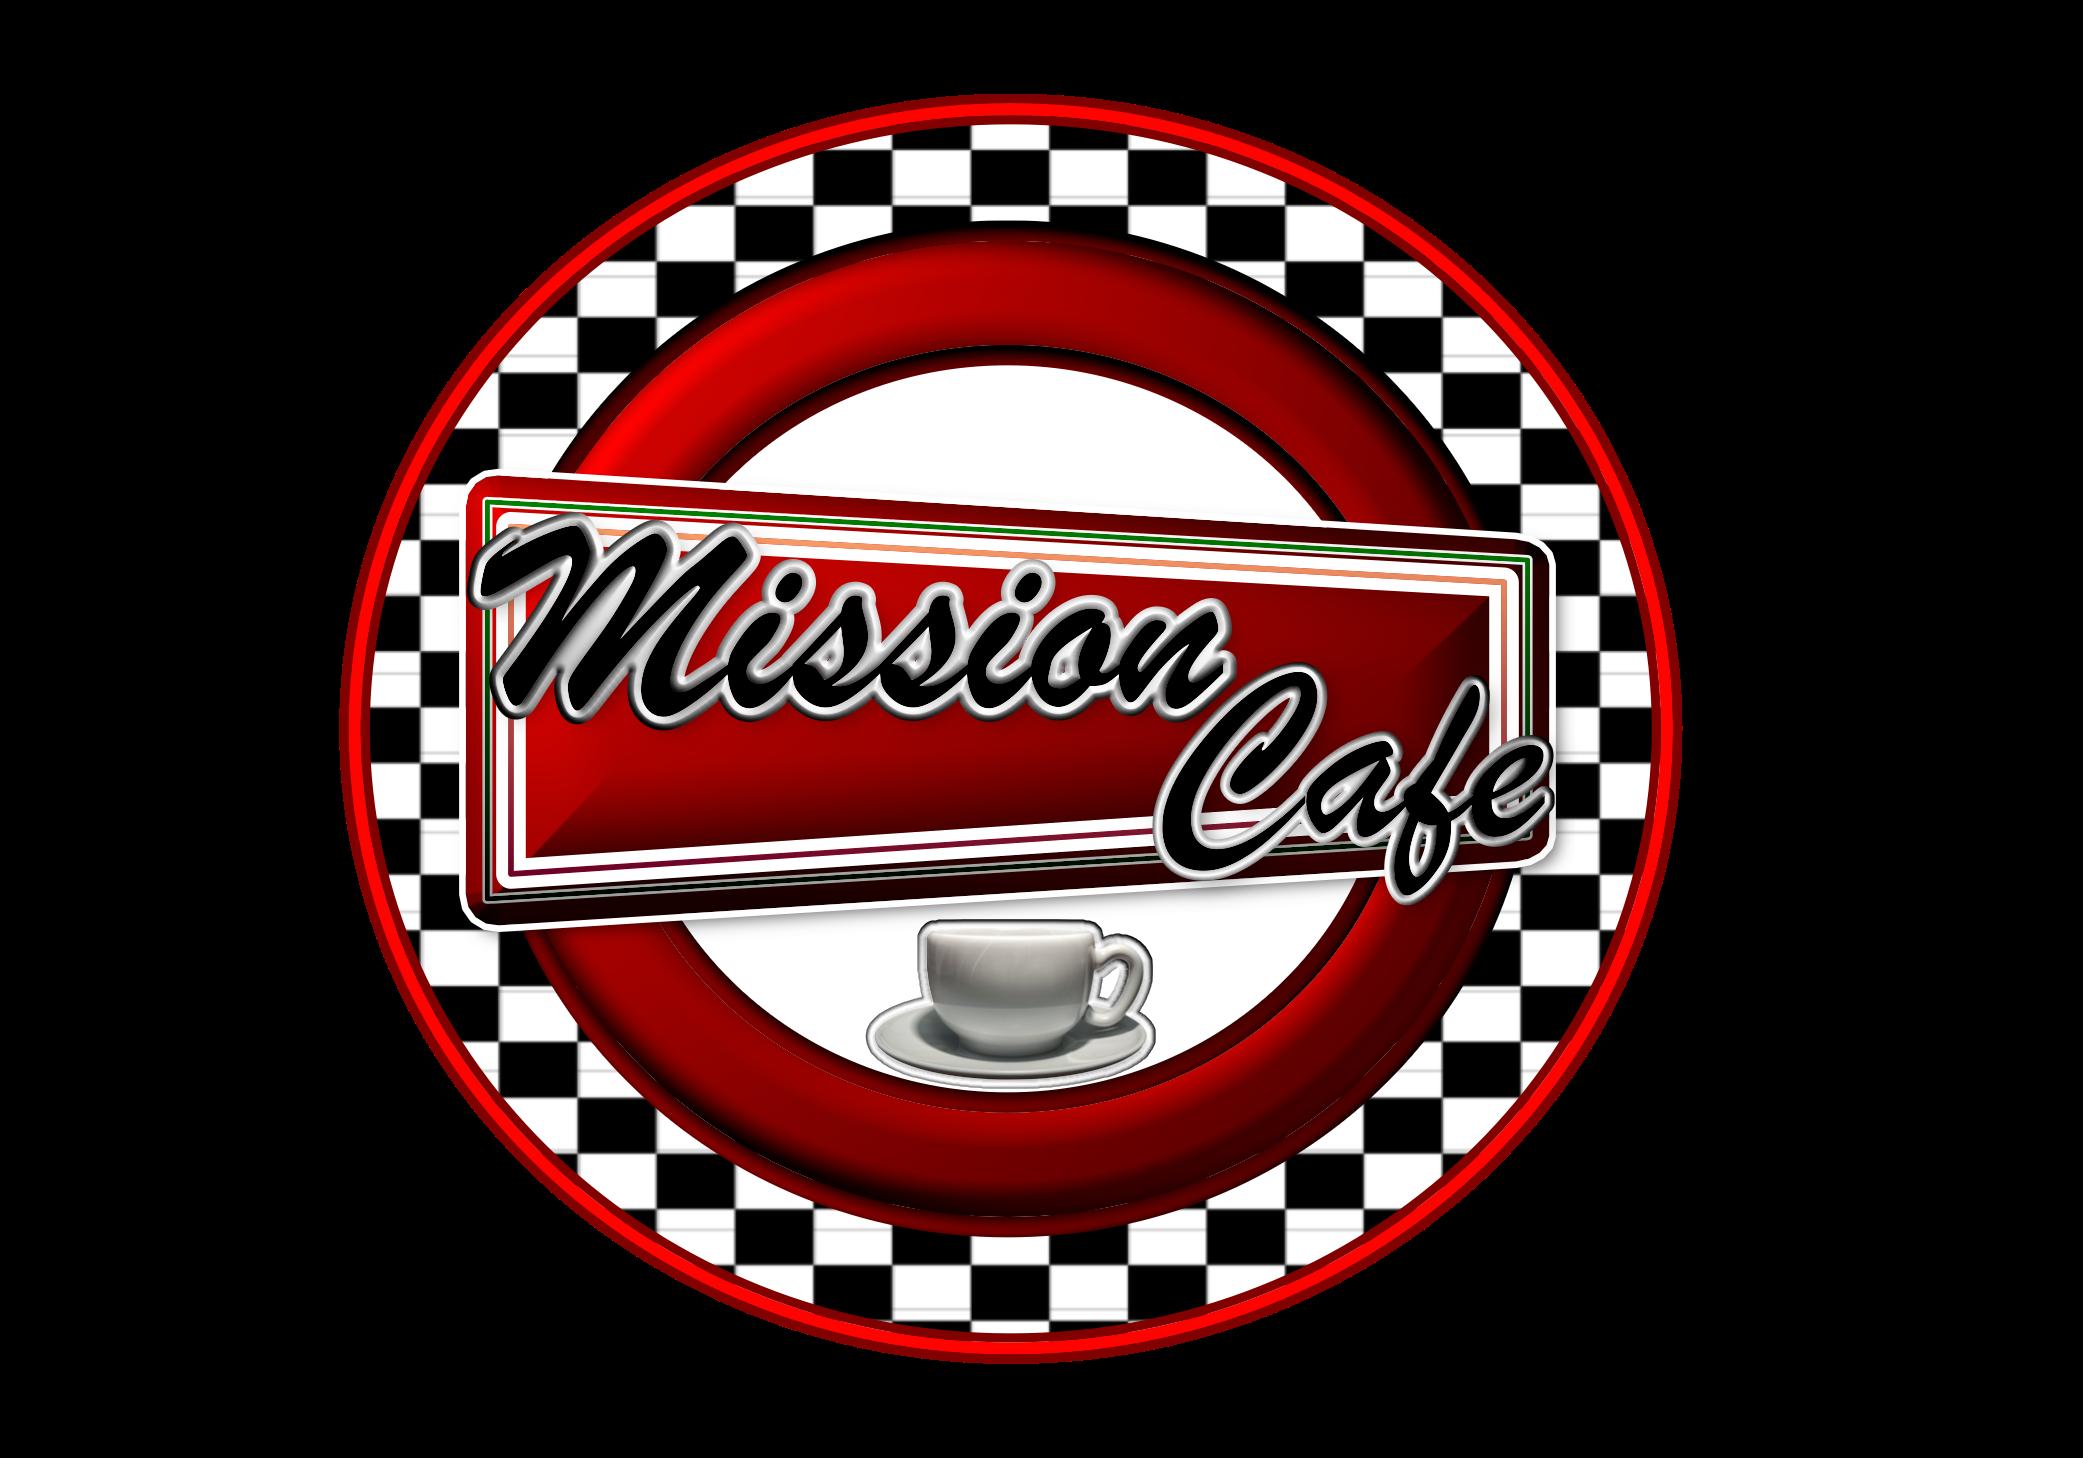 Mission Cafe logo 2